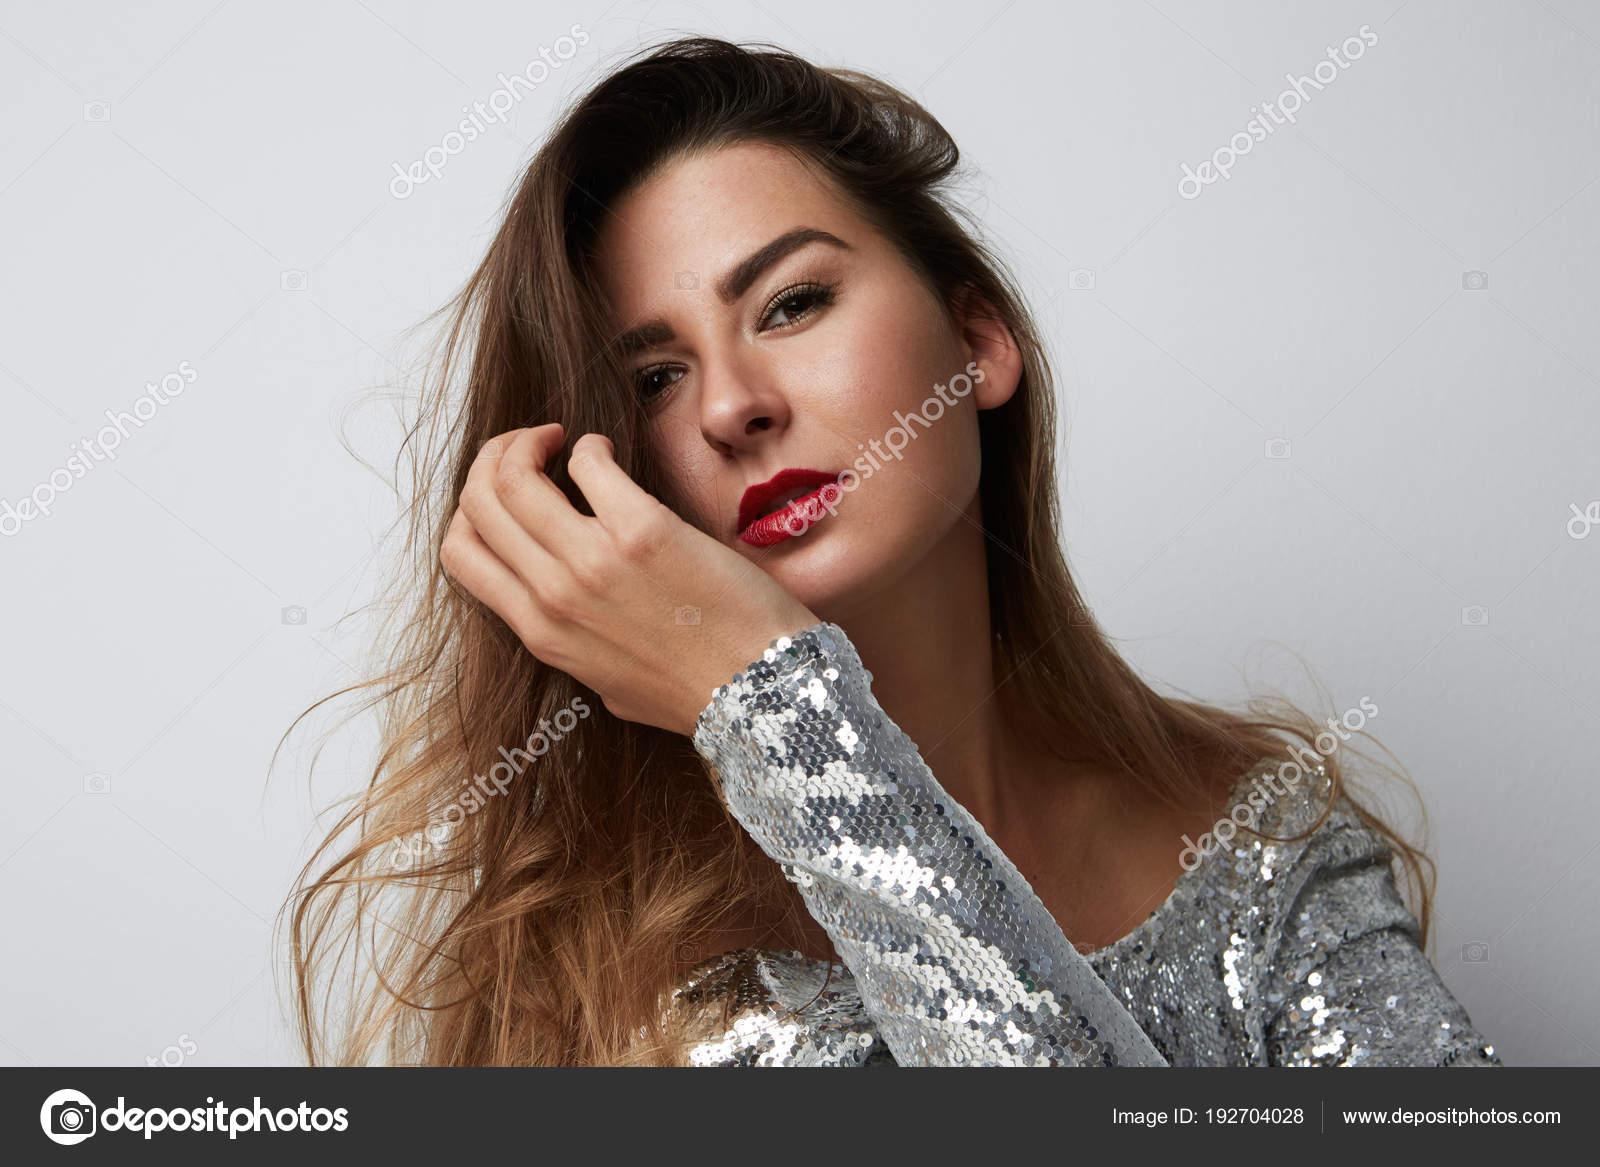 Mode Portrat Einer Schonen Lachelnden Frau Mit Langen Haaren In